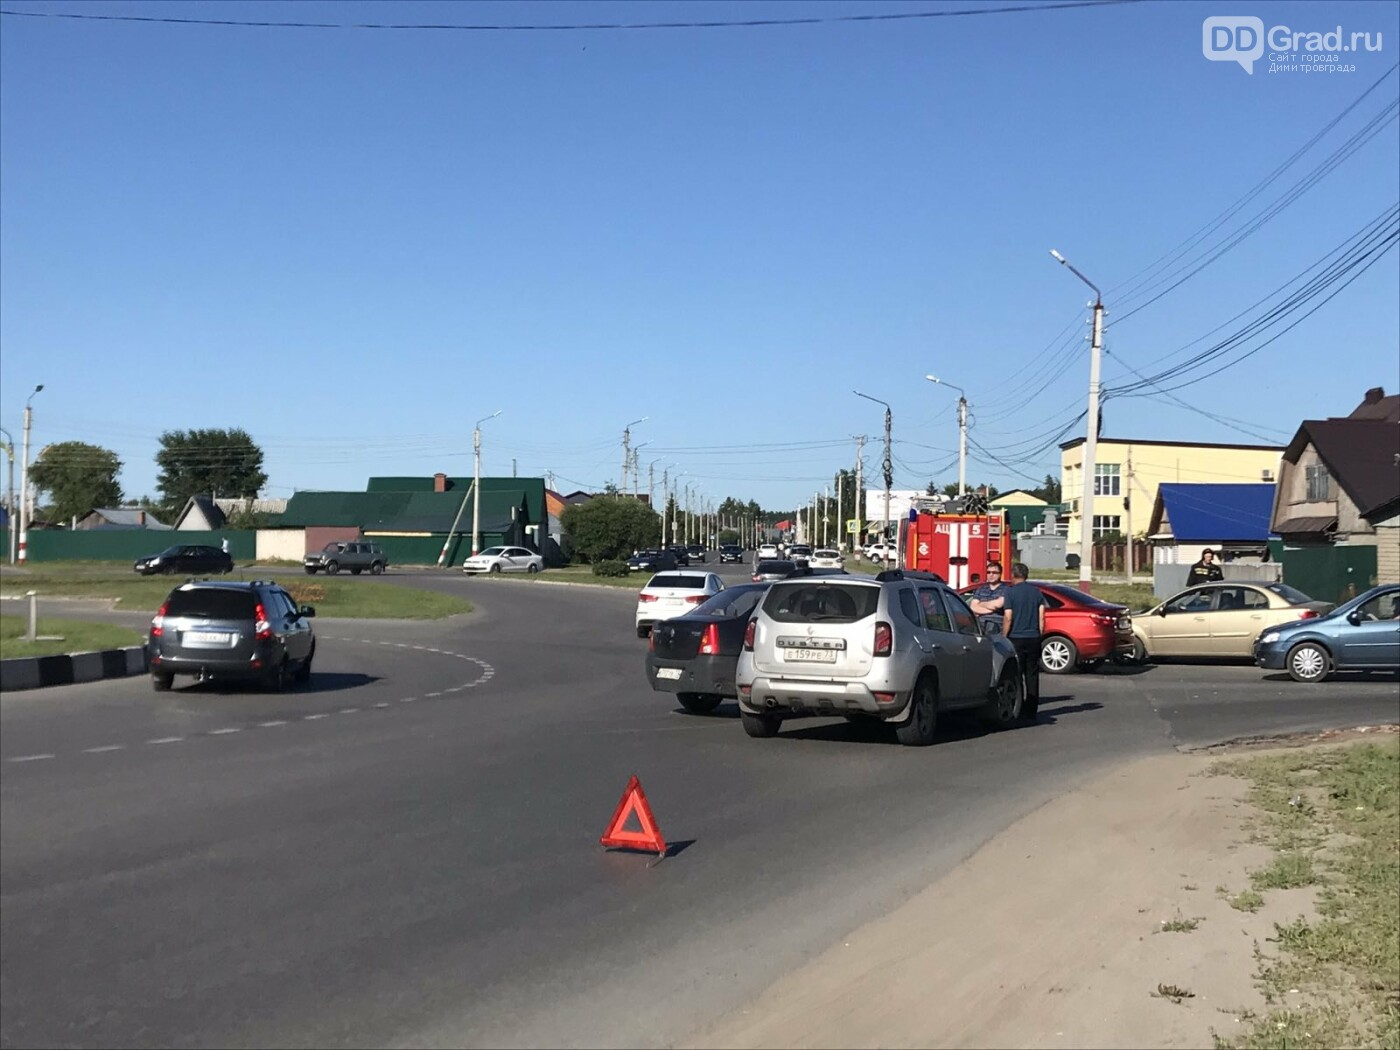 Утром в Димитровграде произошло ДТП, фото-3